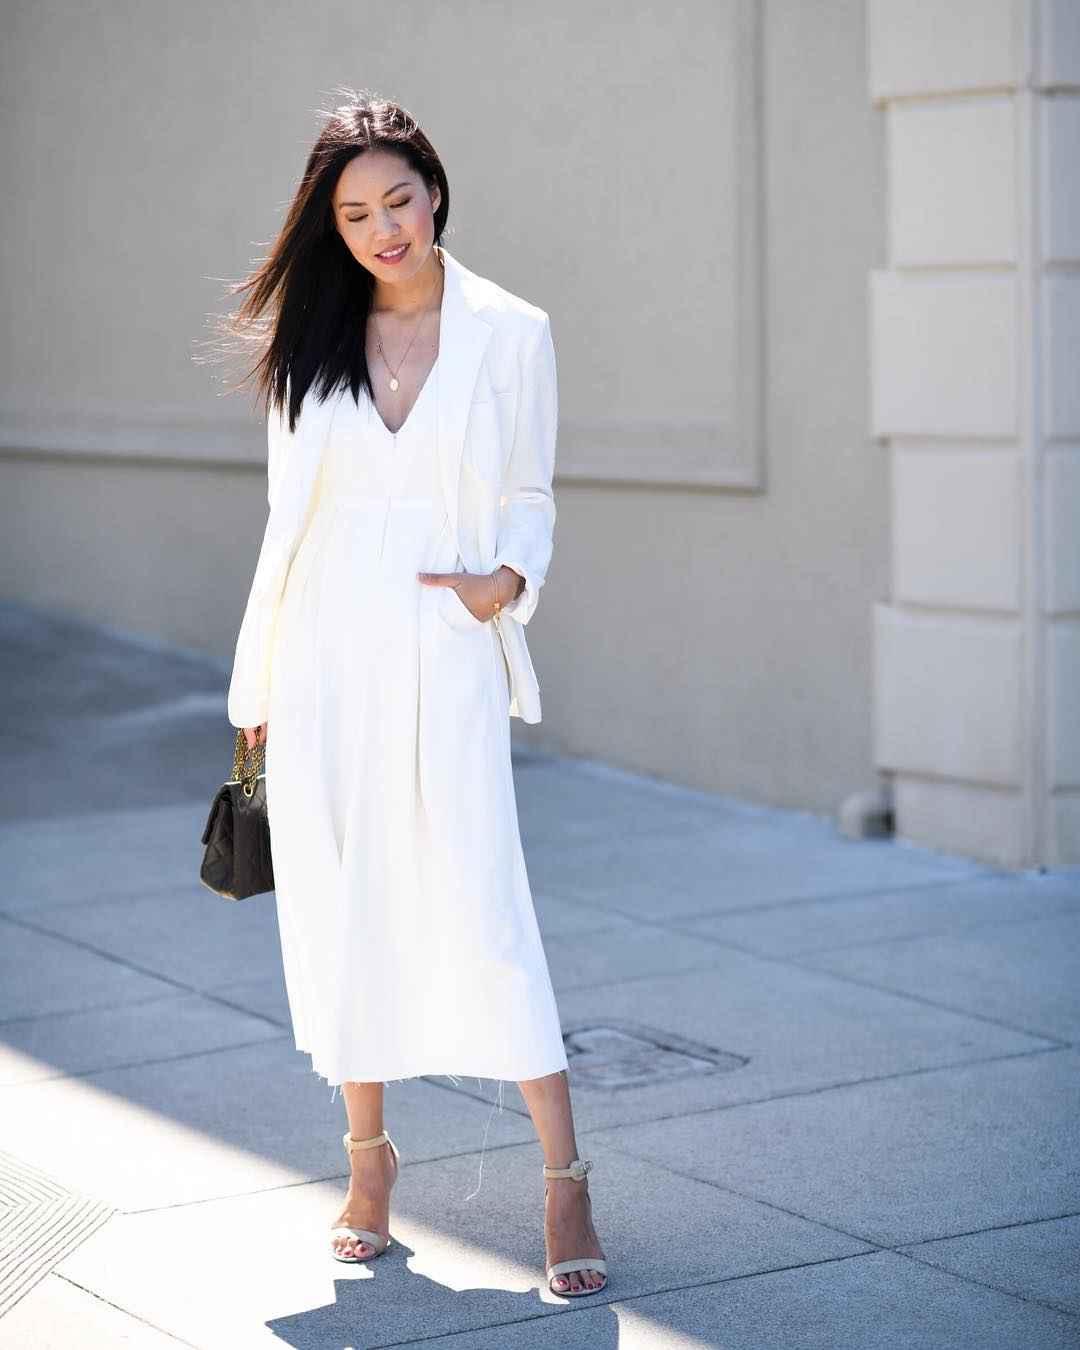 Деловые платья для женщин фото идеи_4